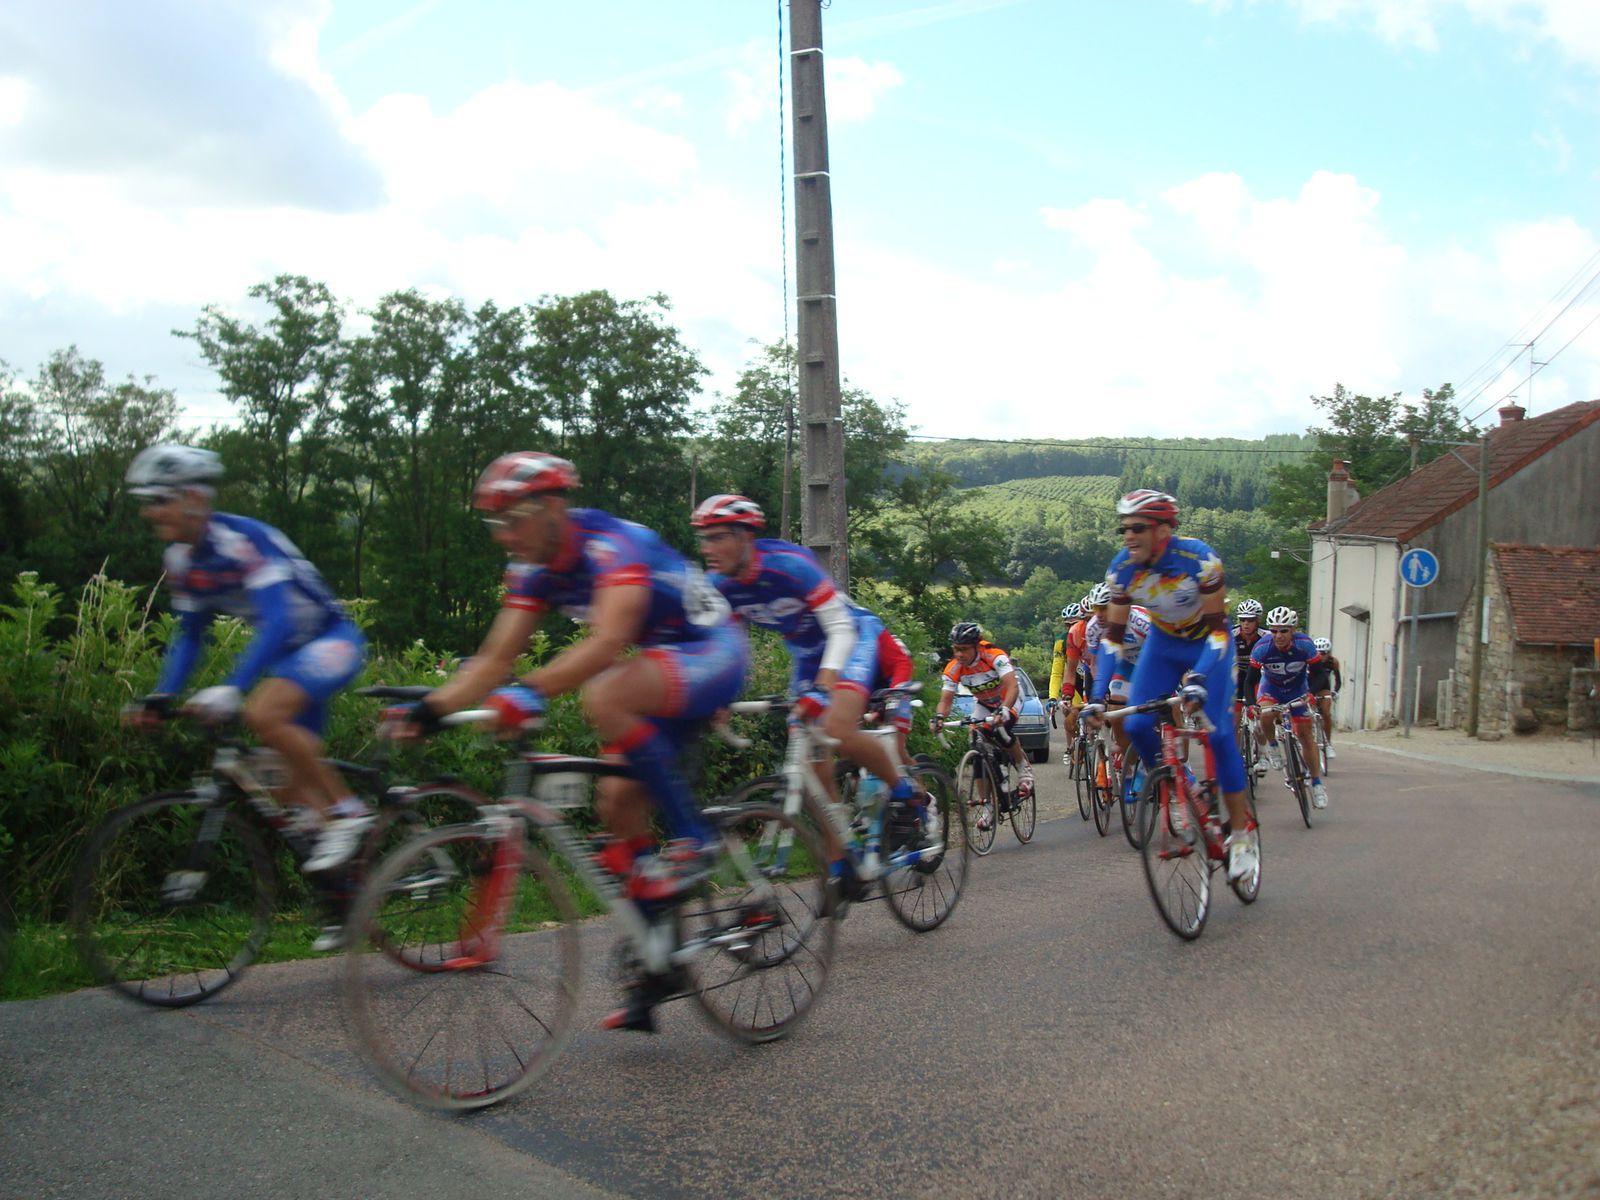 quelques photos de la route de saône et loire 2011 .de bons souvenirs !